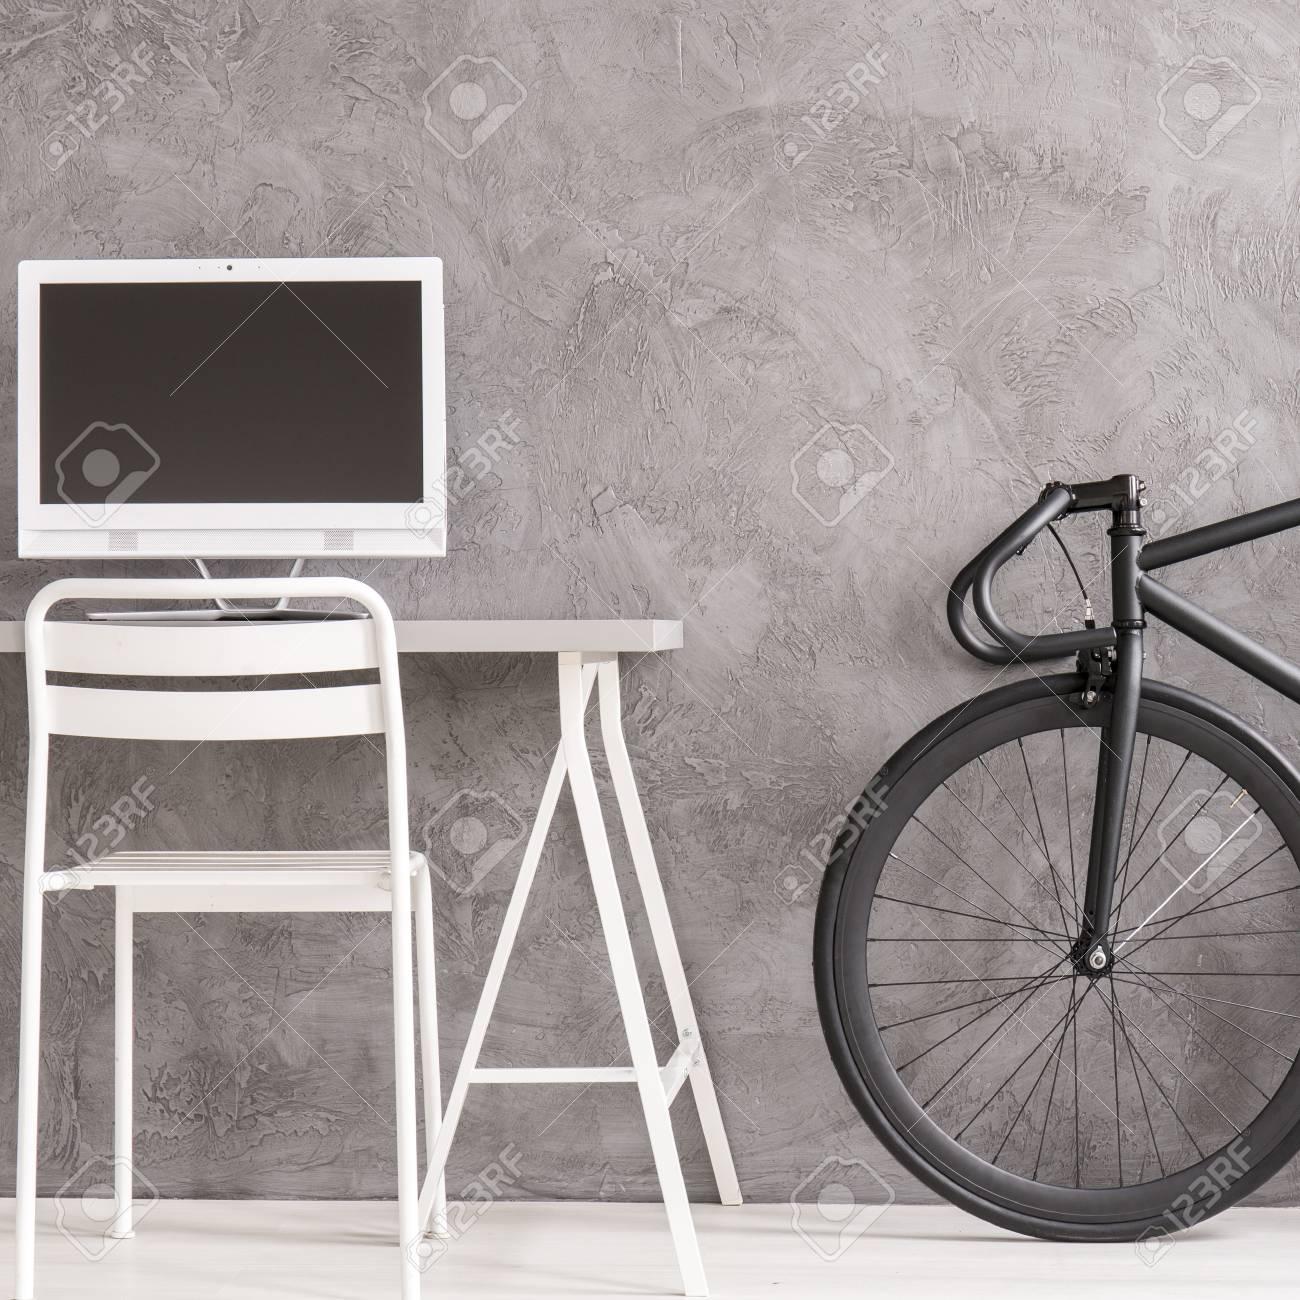 Chambre de l\'adolescent minimaliste moderne avec mur gris, bureau blanc et  chaise, vélo noir